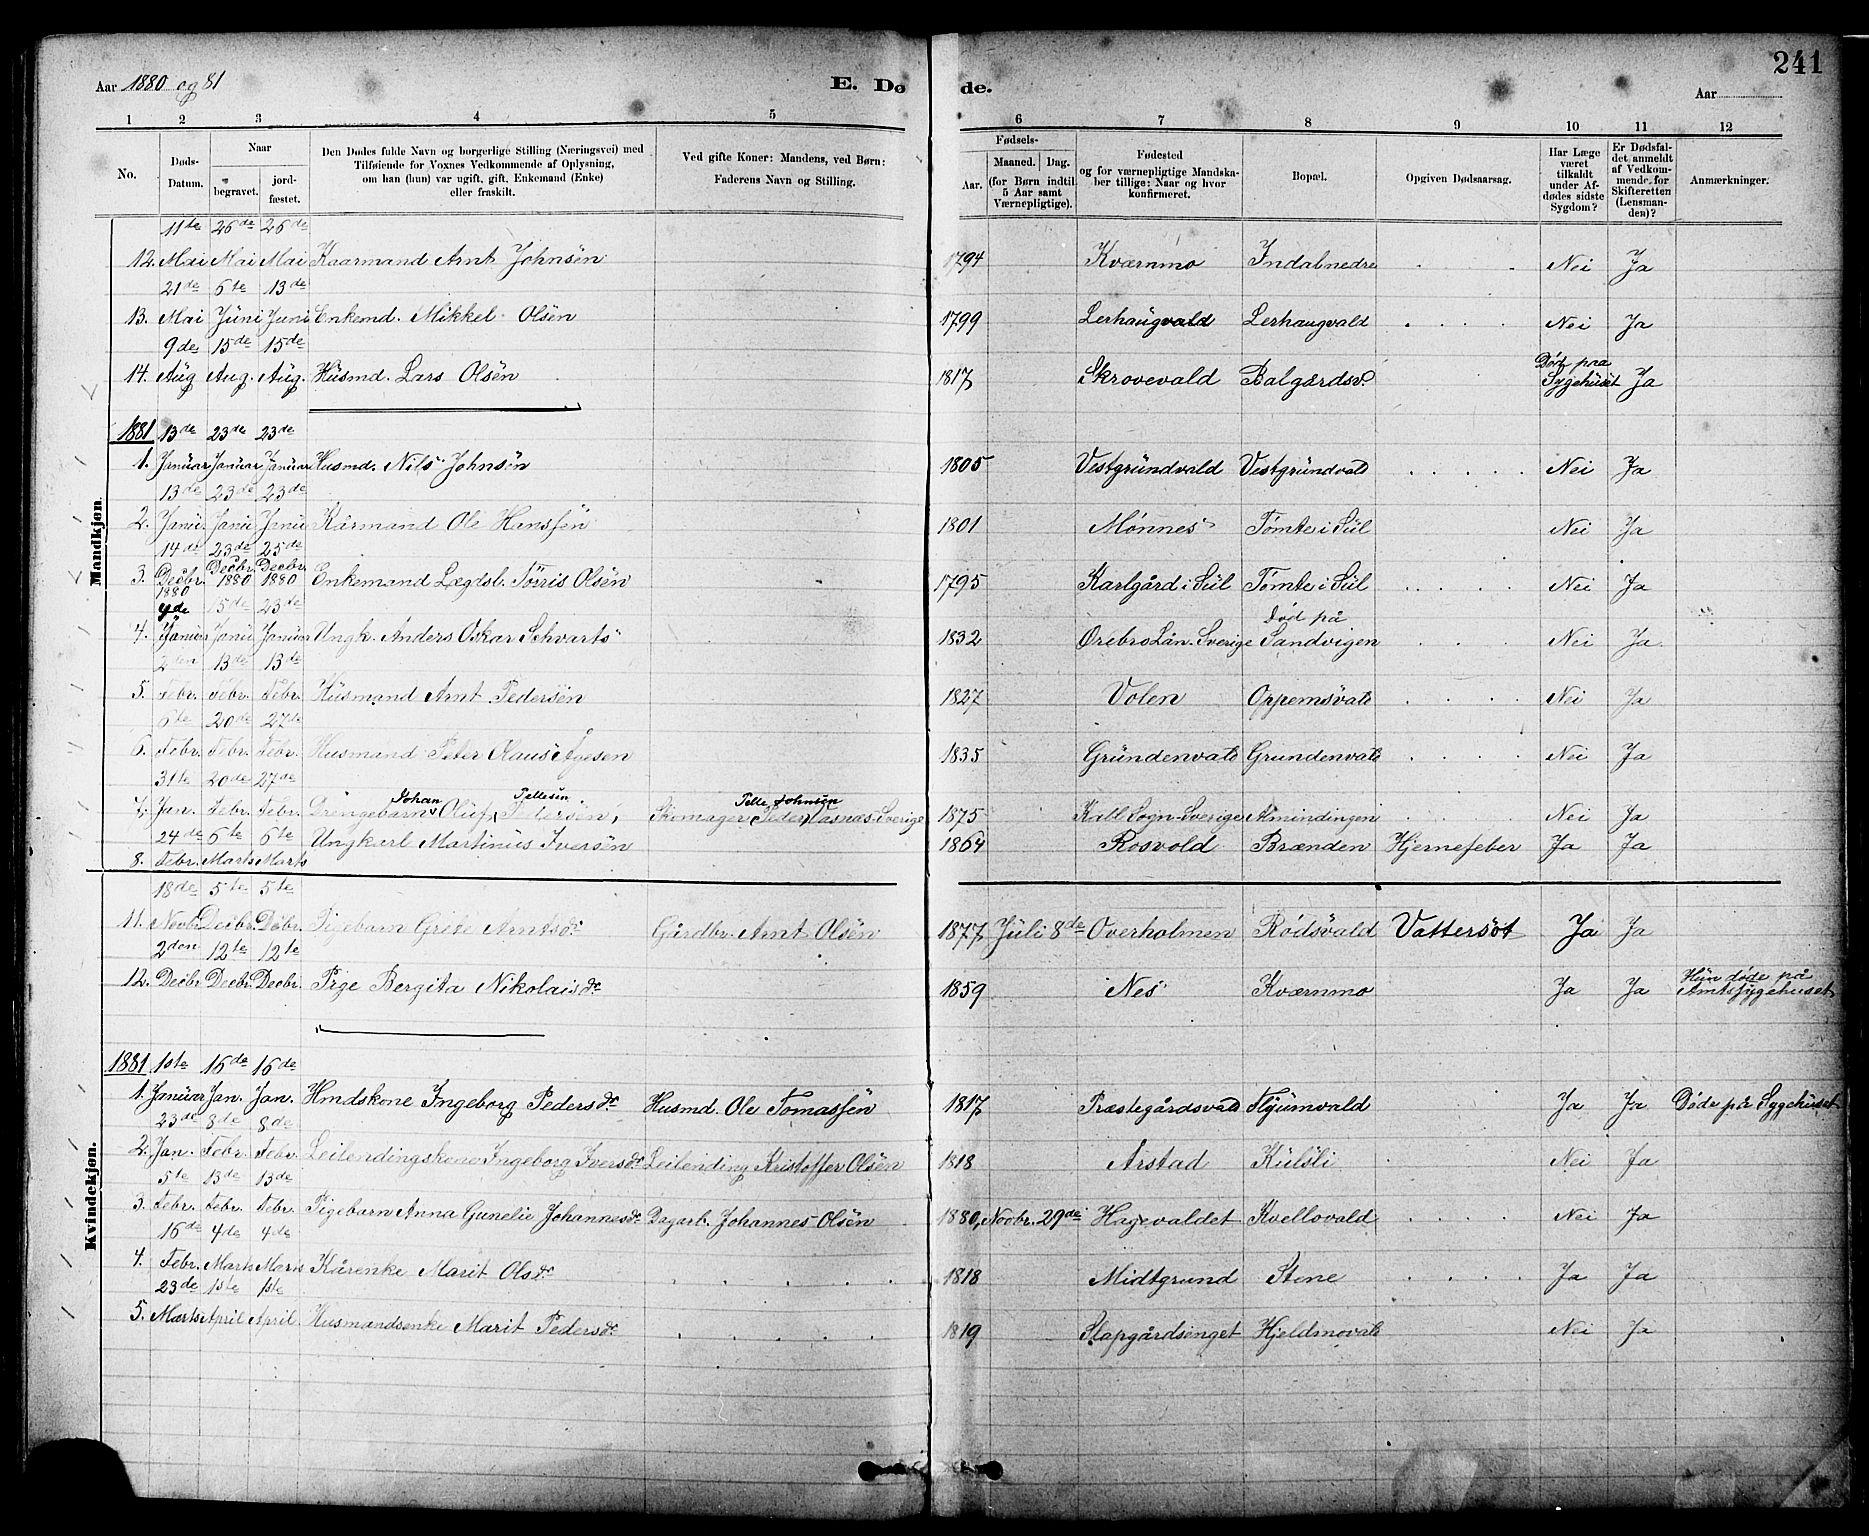 SAT, Ministerialprotokoller, klokkerbøker og fødselsregistre - Nord-Trøndelag, 724/L0267: Klokkerbok nr. 724C03, 1879-1898, s. 241